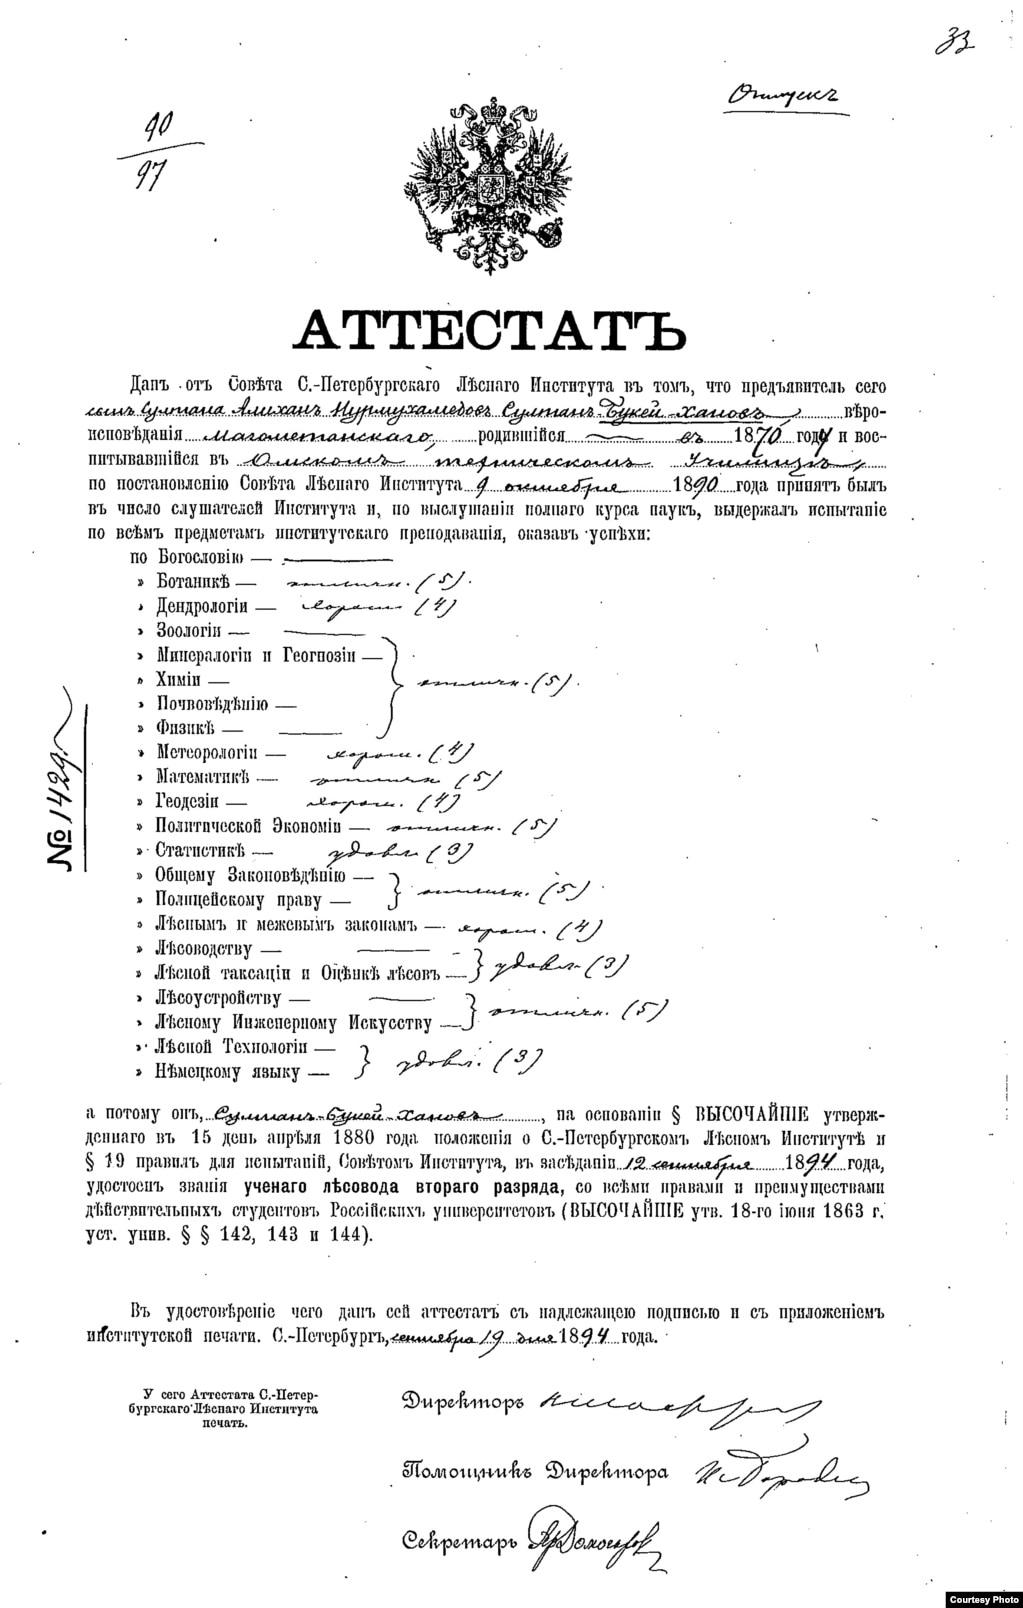 Әлихан Бөкейханның Петербордағы Императорлық орман институтын 1894 жылы тәмамдағаны туралы аттестат (диплом).